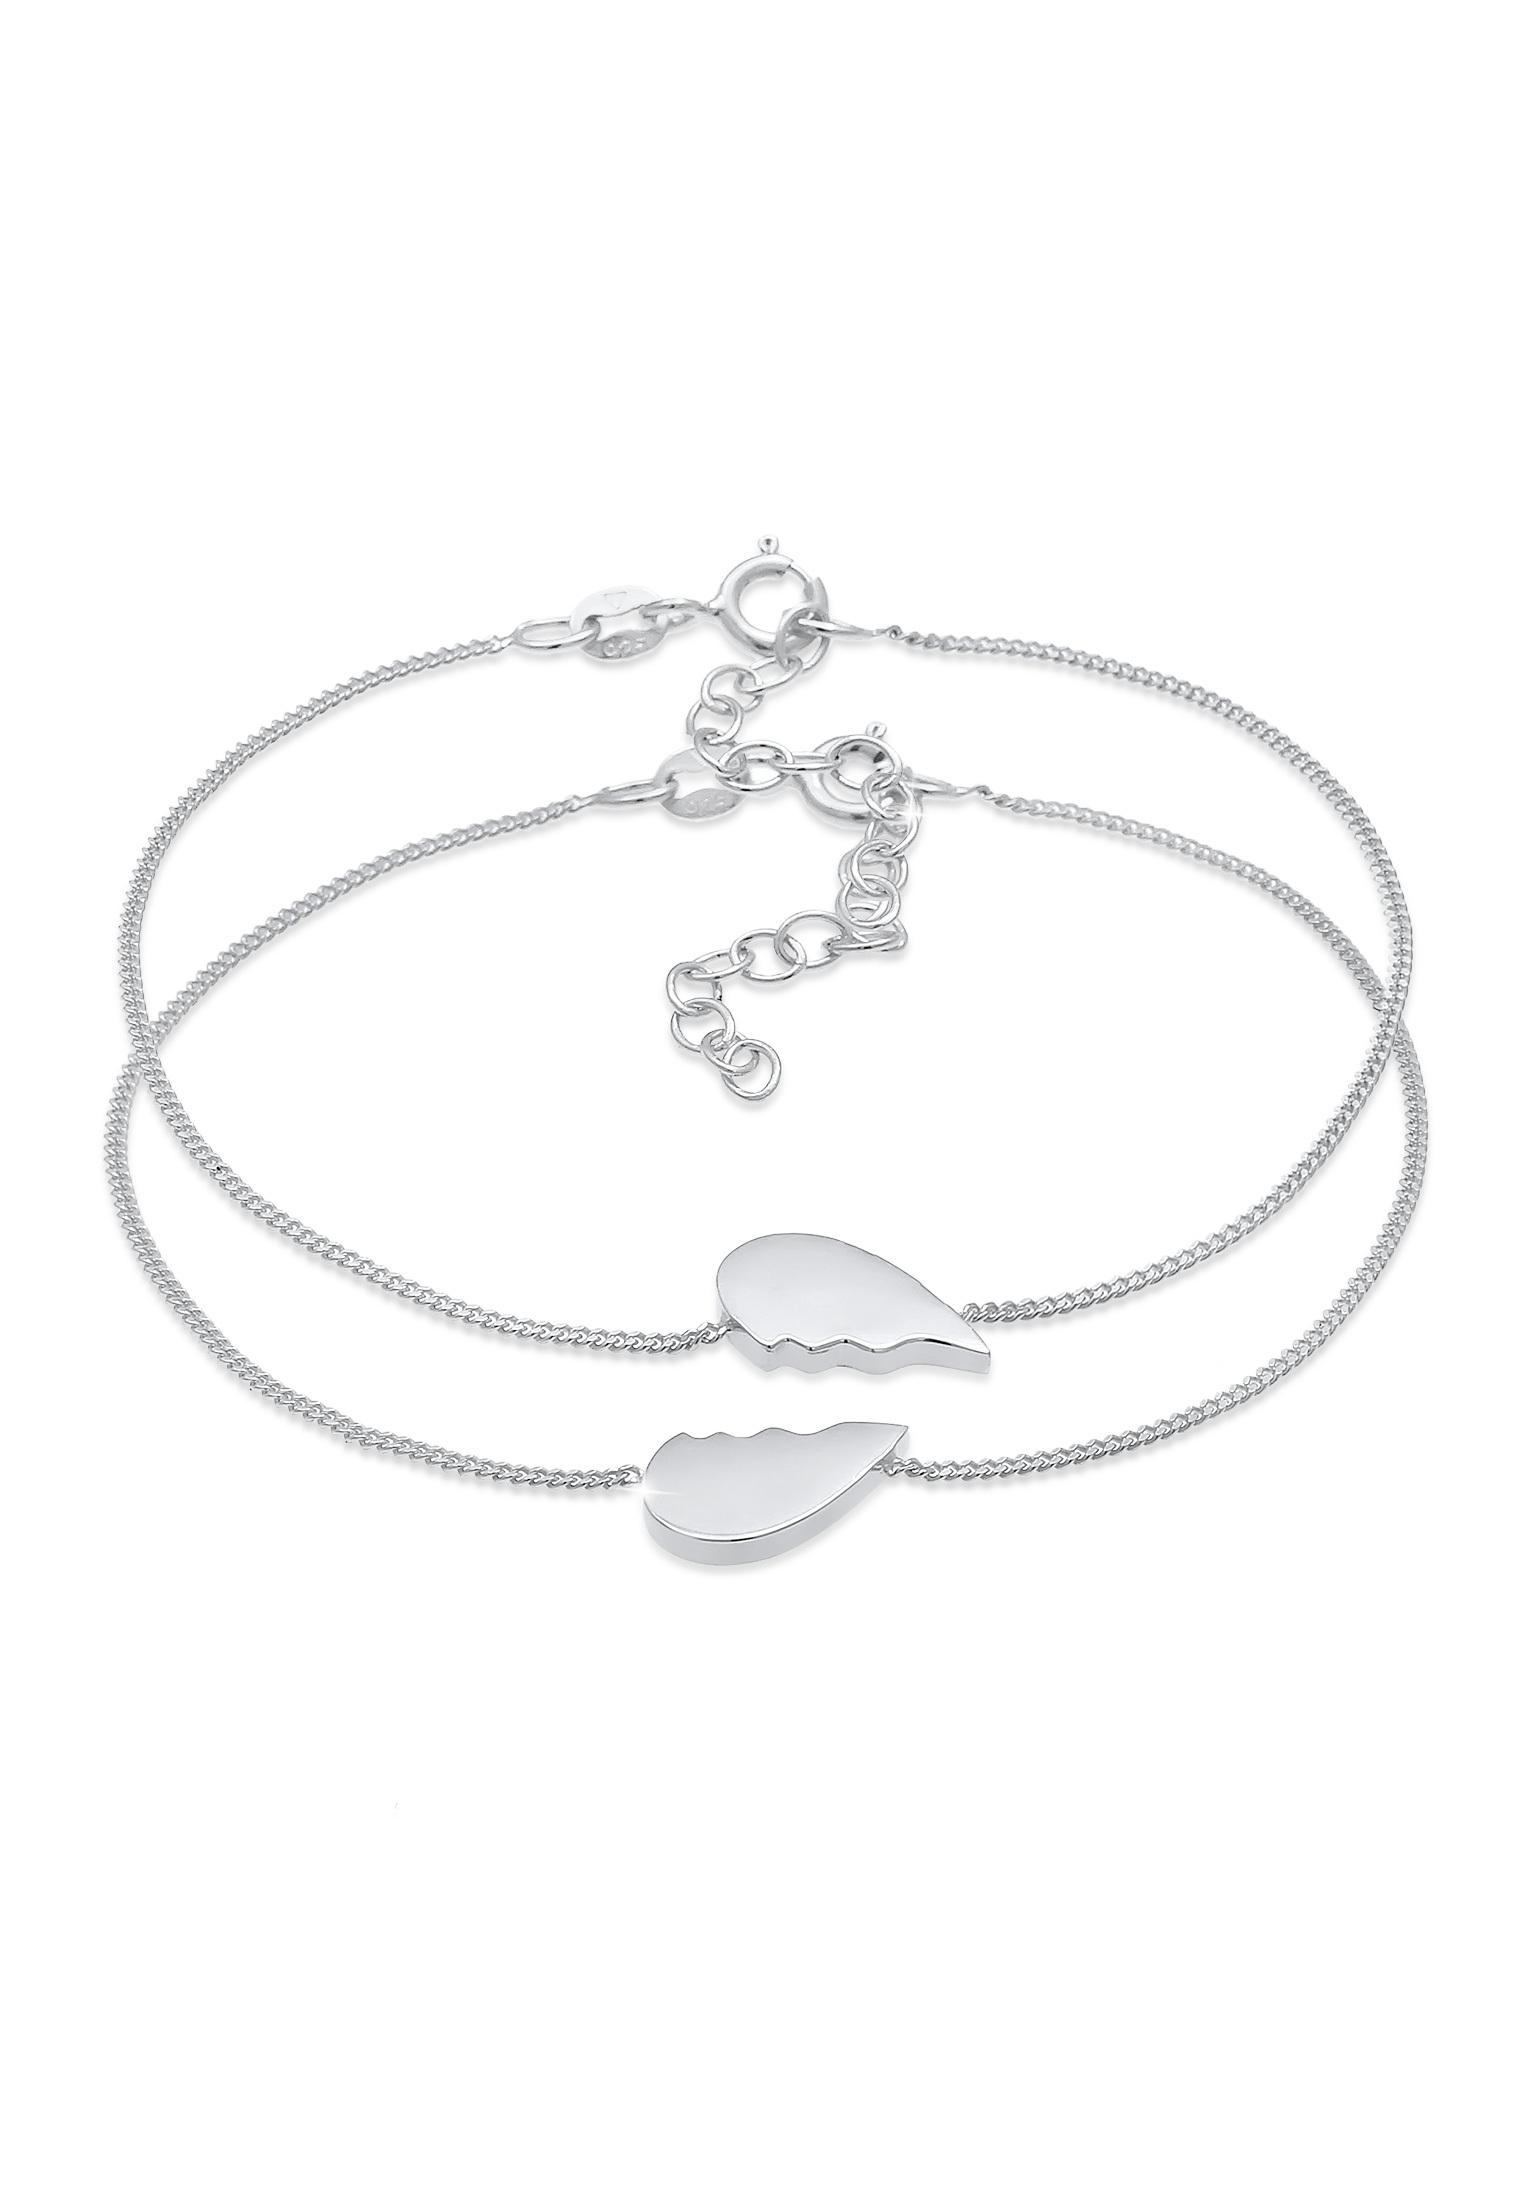 Armbandset Herz | 925er Sterling Silber